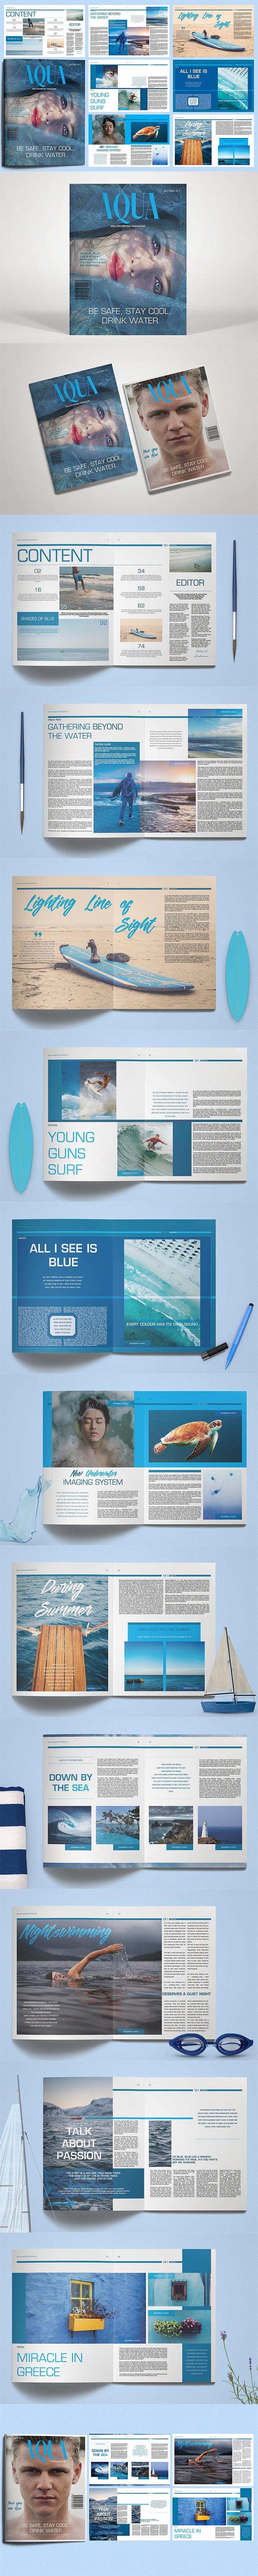 蓝色时尚的多用途画册杂志模版下载[indd]